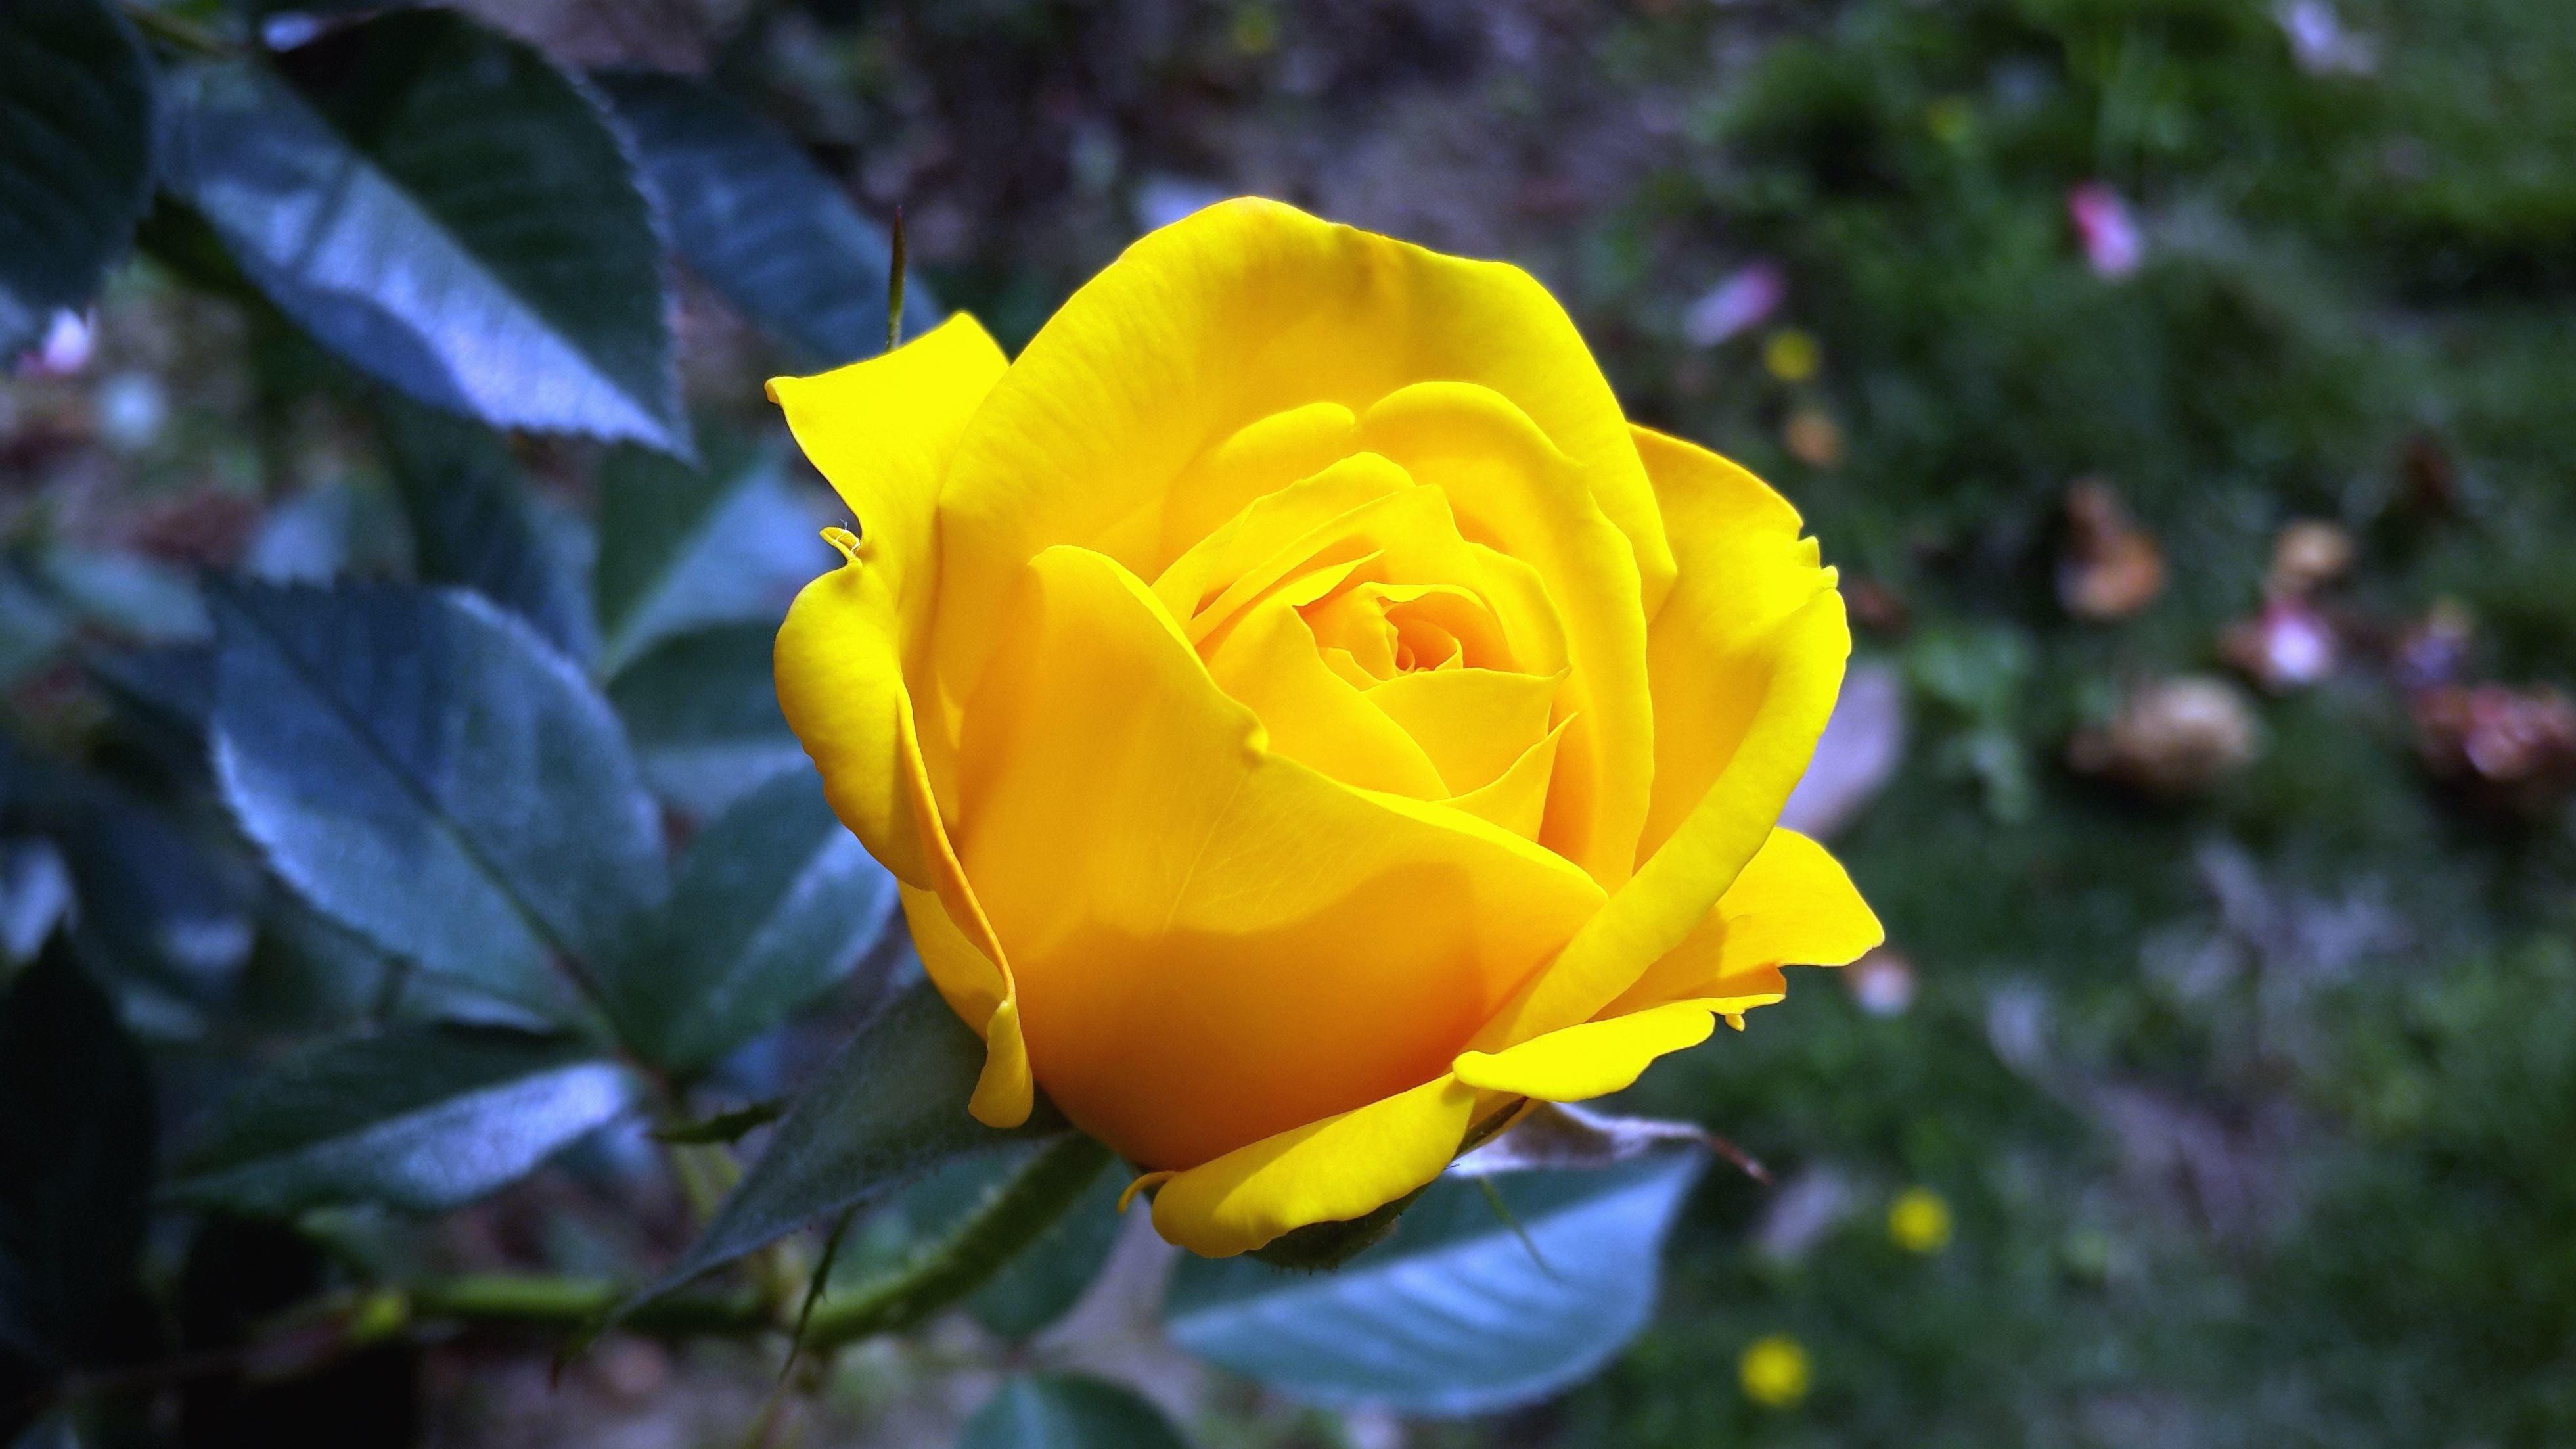 Gemeinsame Kostenlose Bild: Gelbe Rosen, Blütenblätter, Rosen, Blüte, Pflanze &QE_61